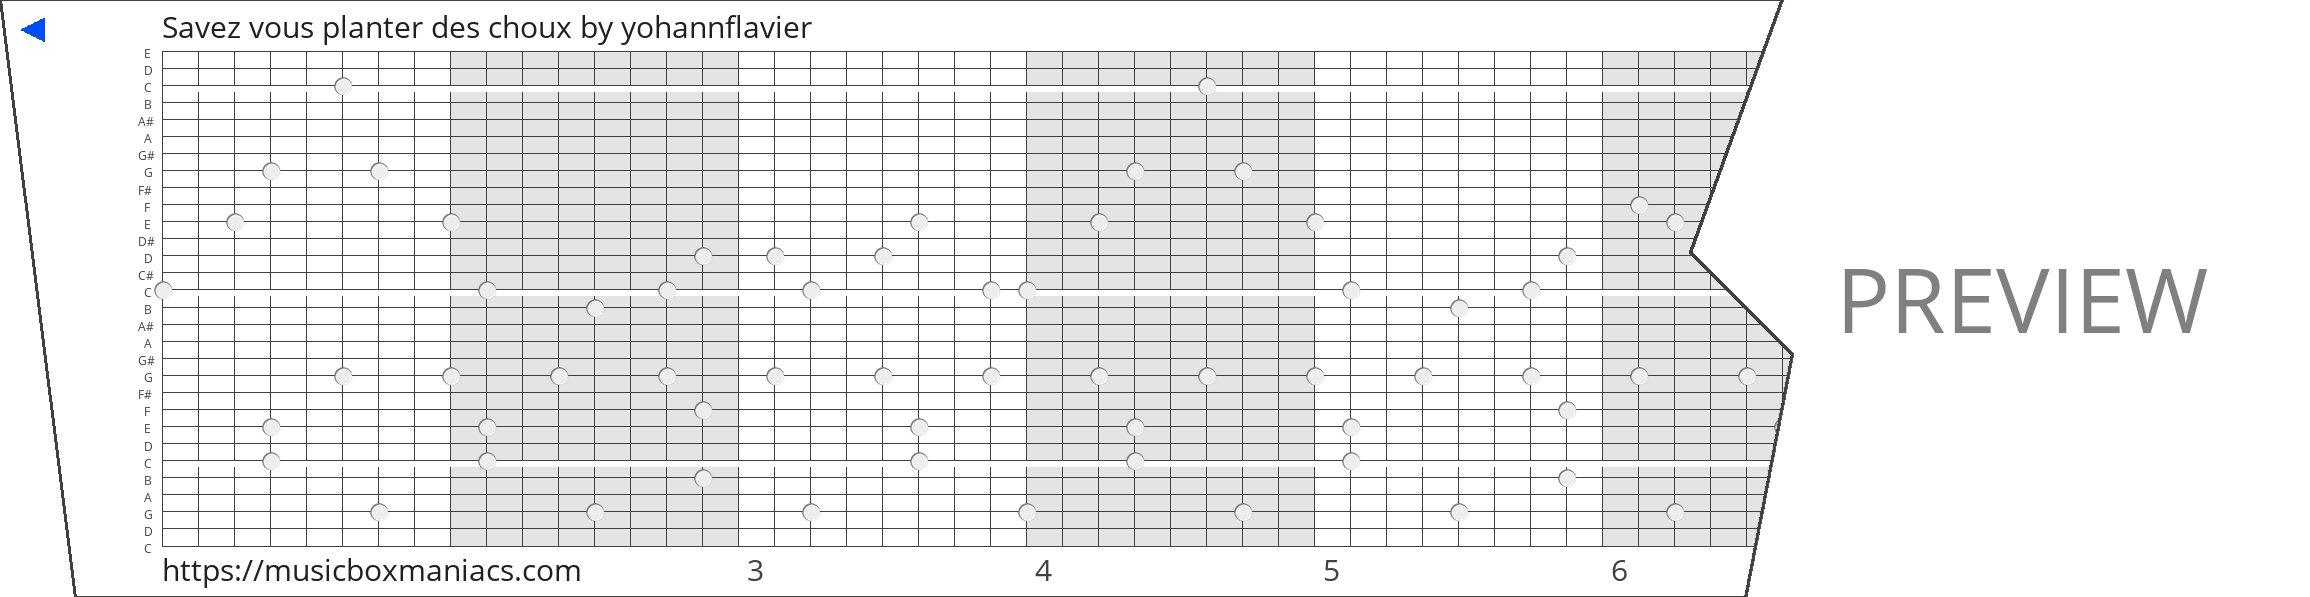 Savez vous planter des choux 30 note music box paper strip